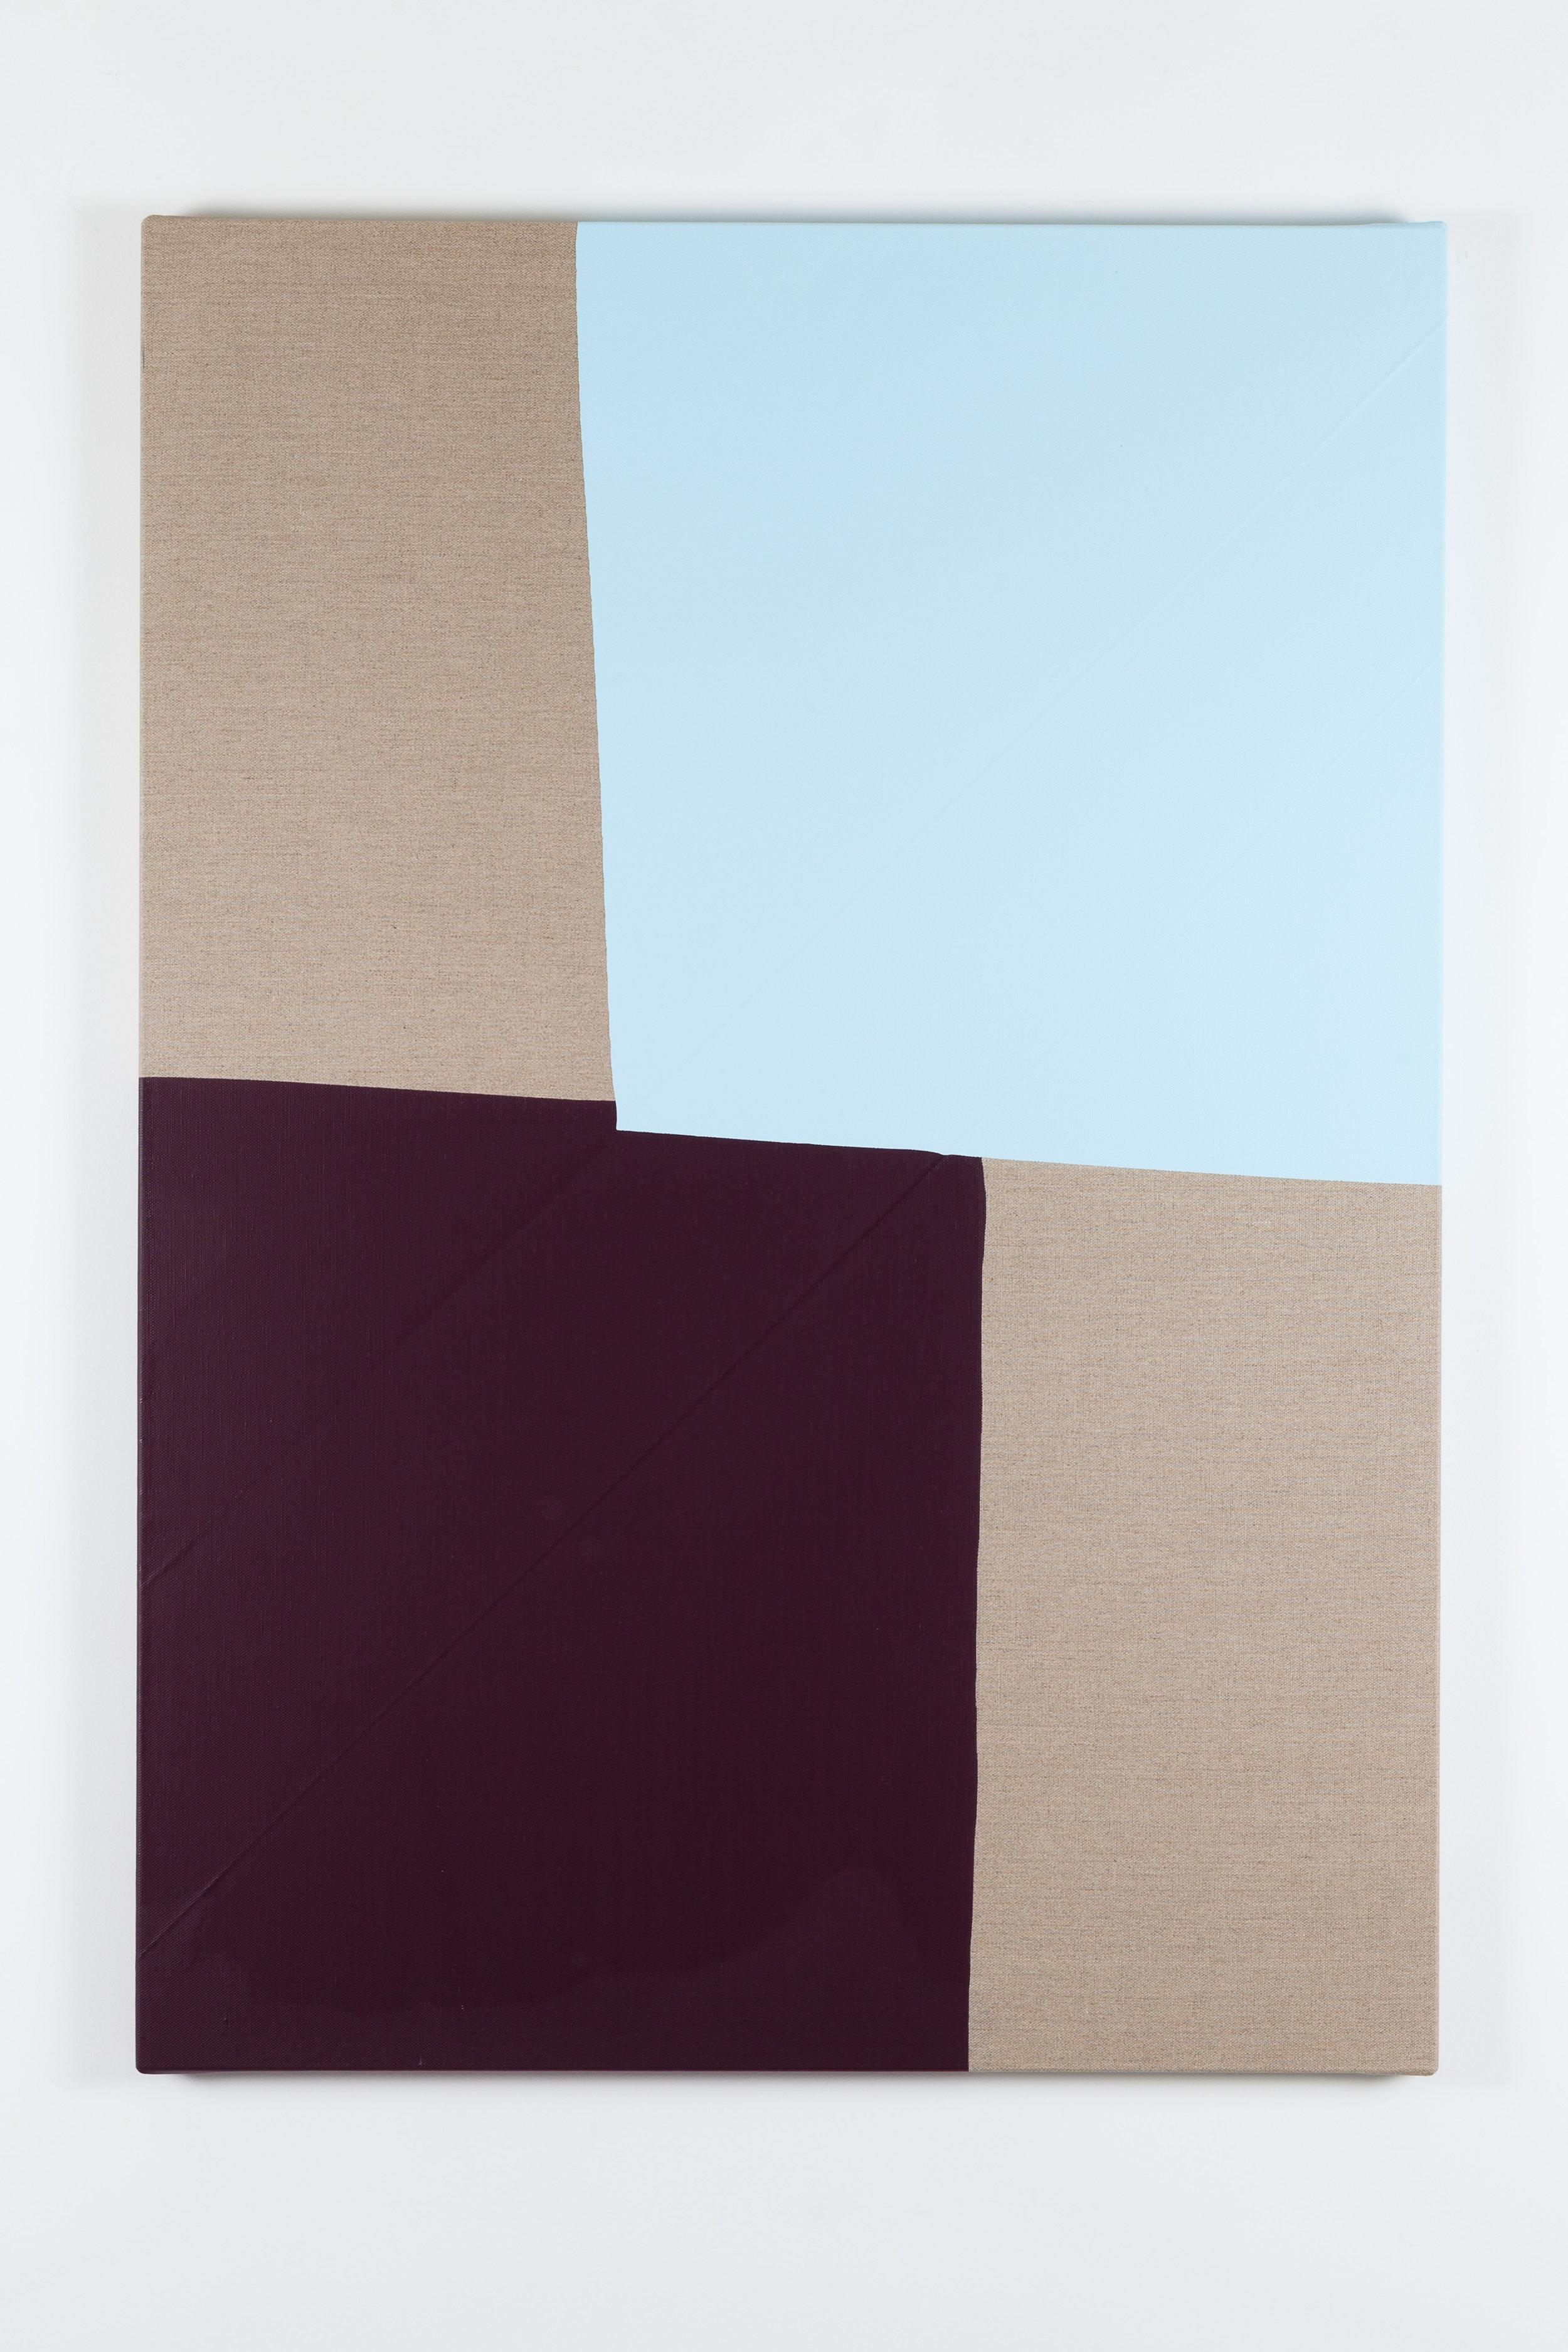 Dip / 2 . 2017. Acrylic on linen canvas. 134 x 95 x 3,5 cm.